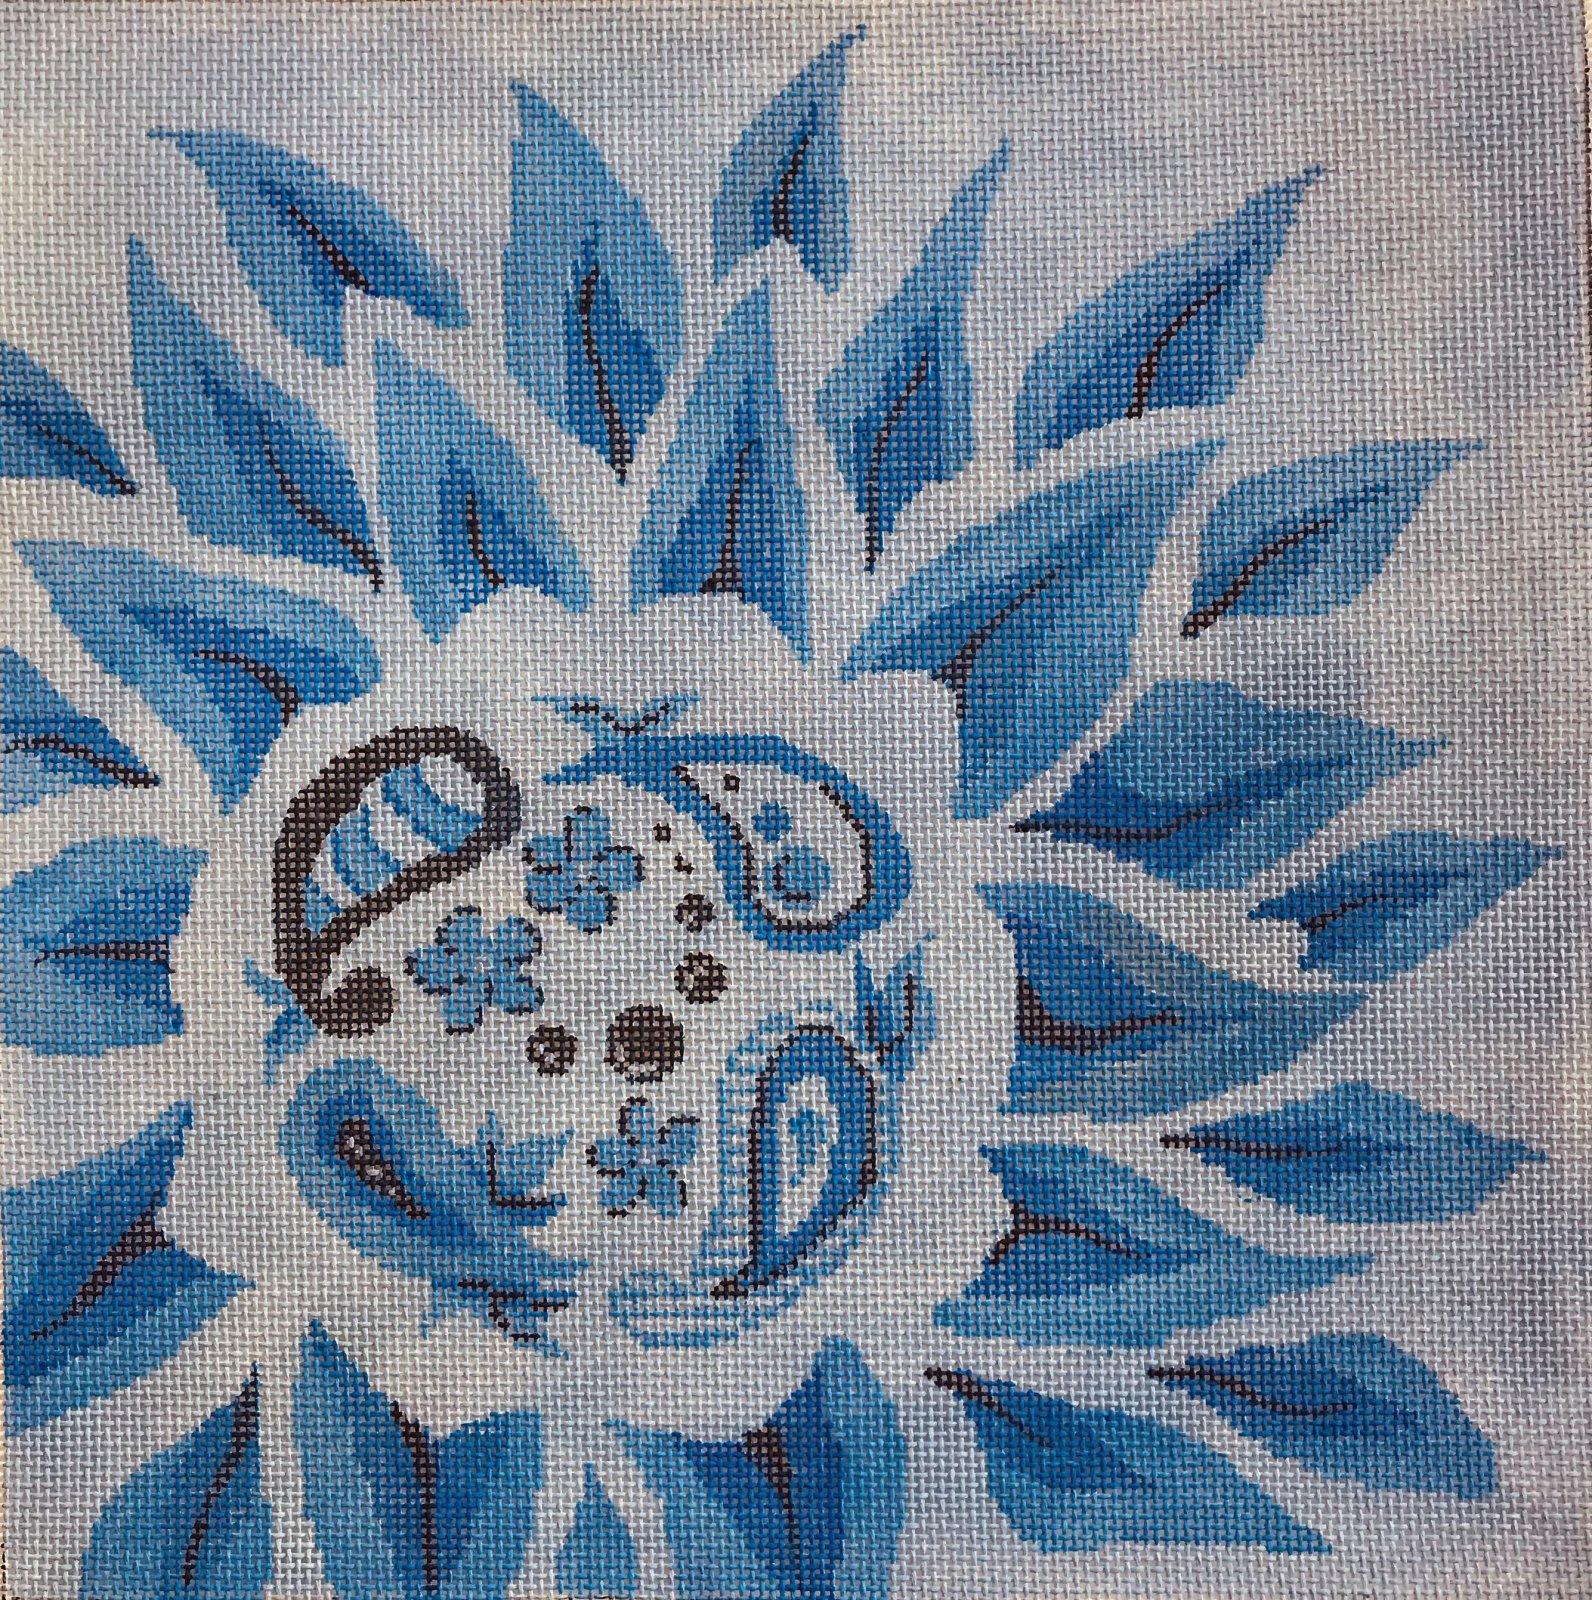 Blue dahlia with paisley center